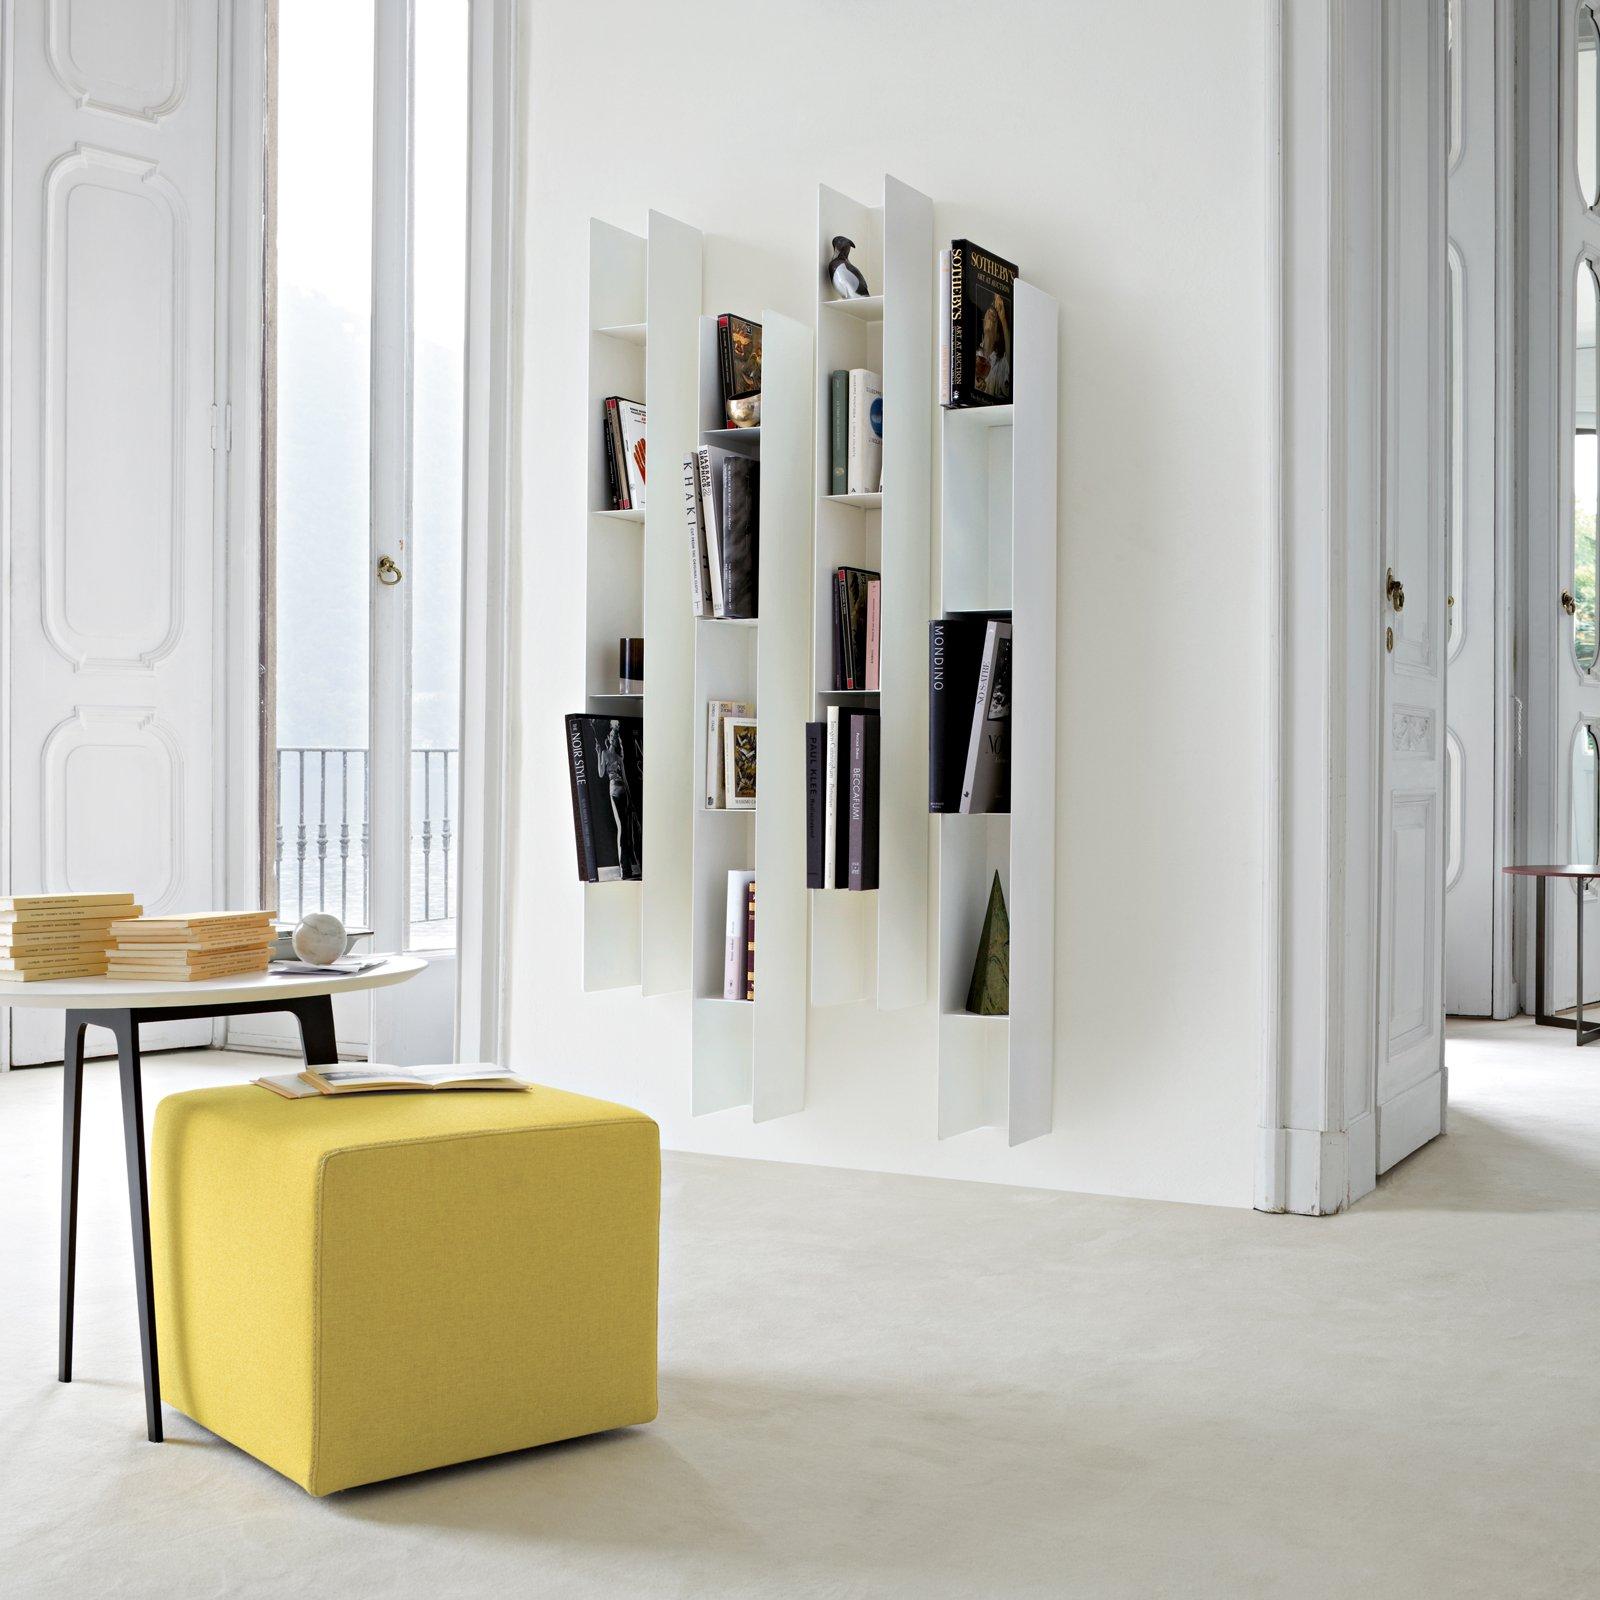 Librerie piccole: così ogni spazio può essere sfruttato al meglio ...